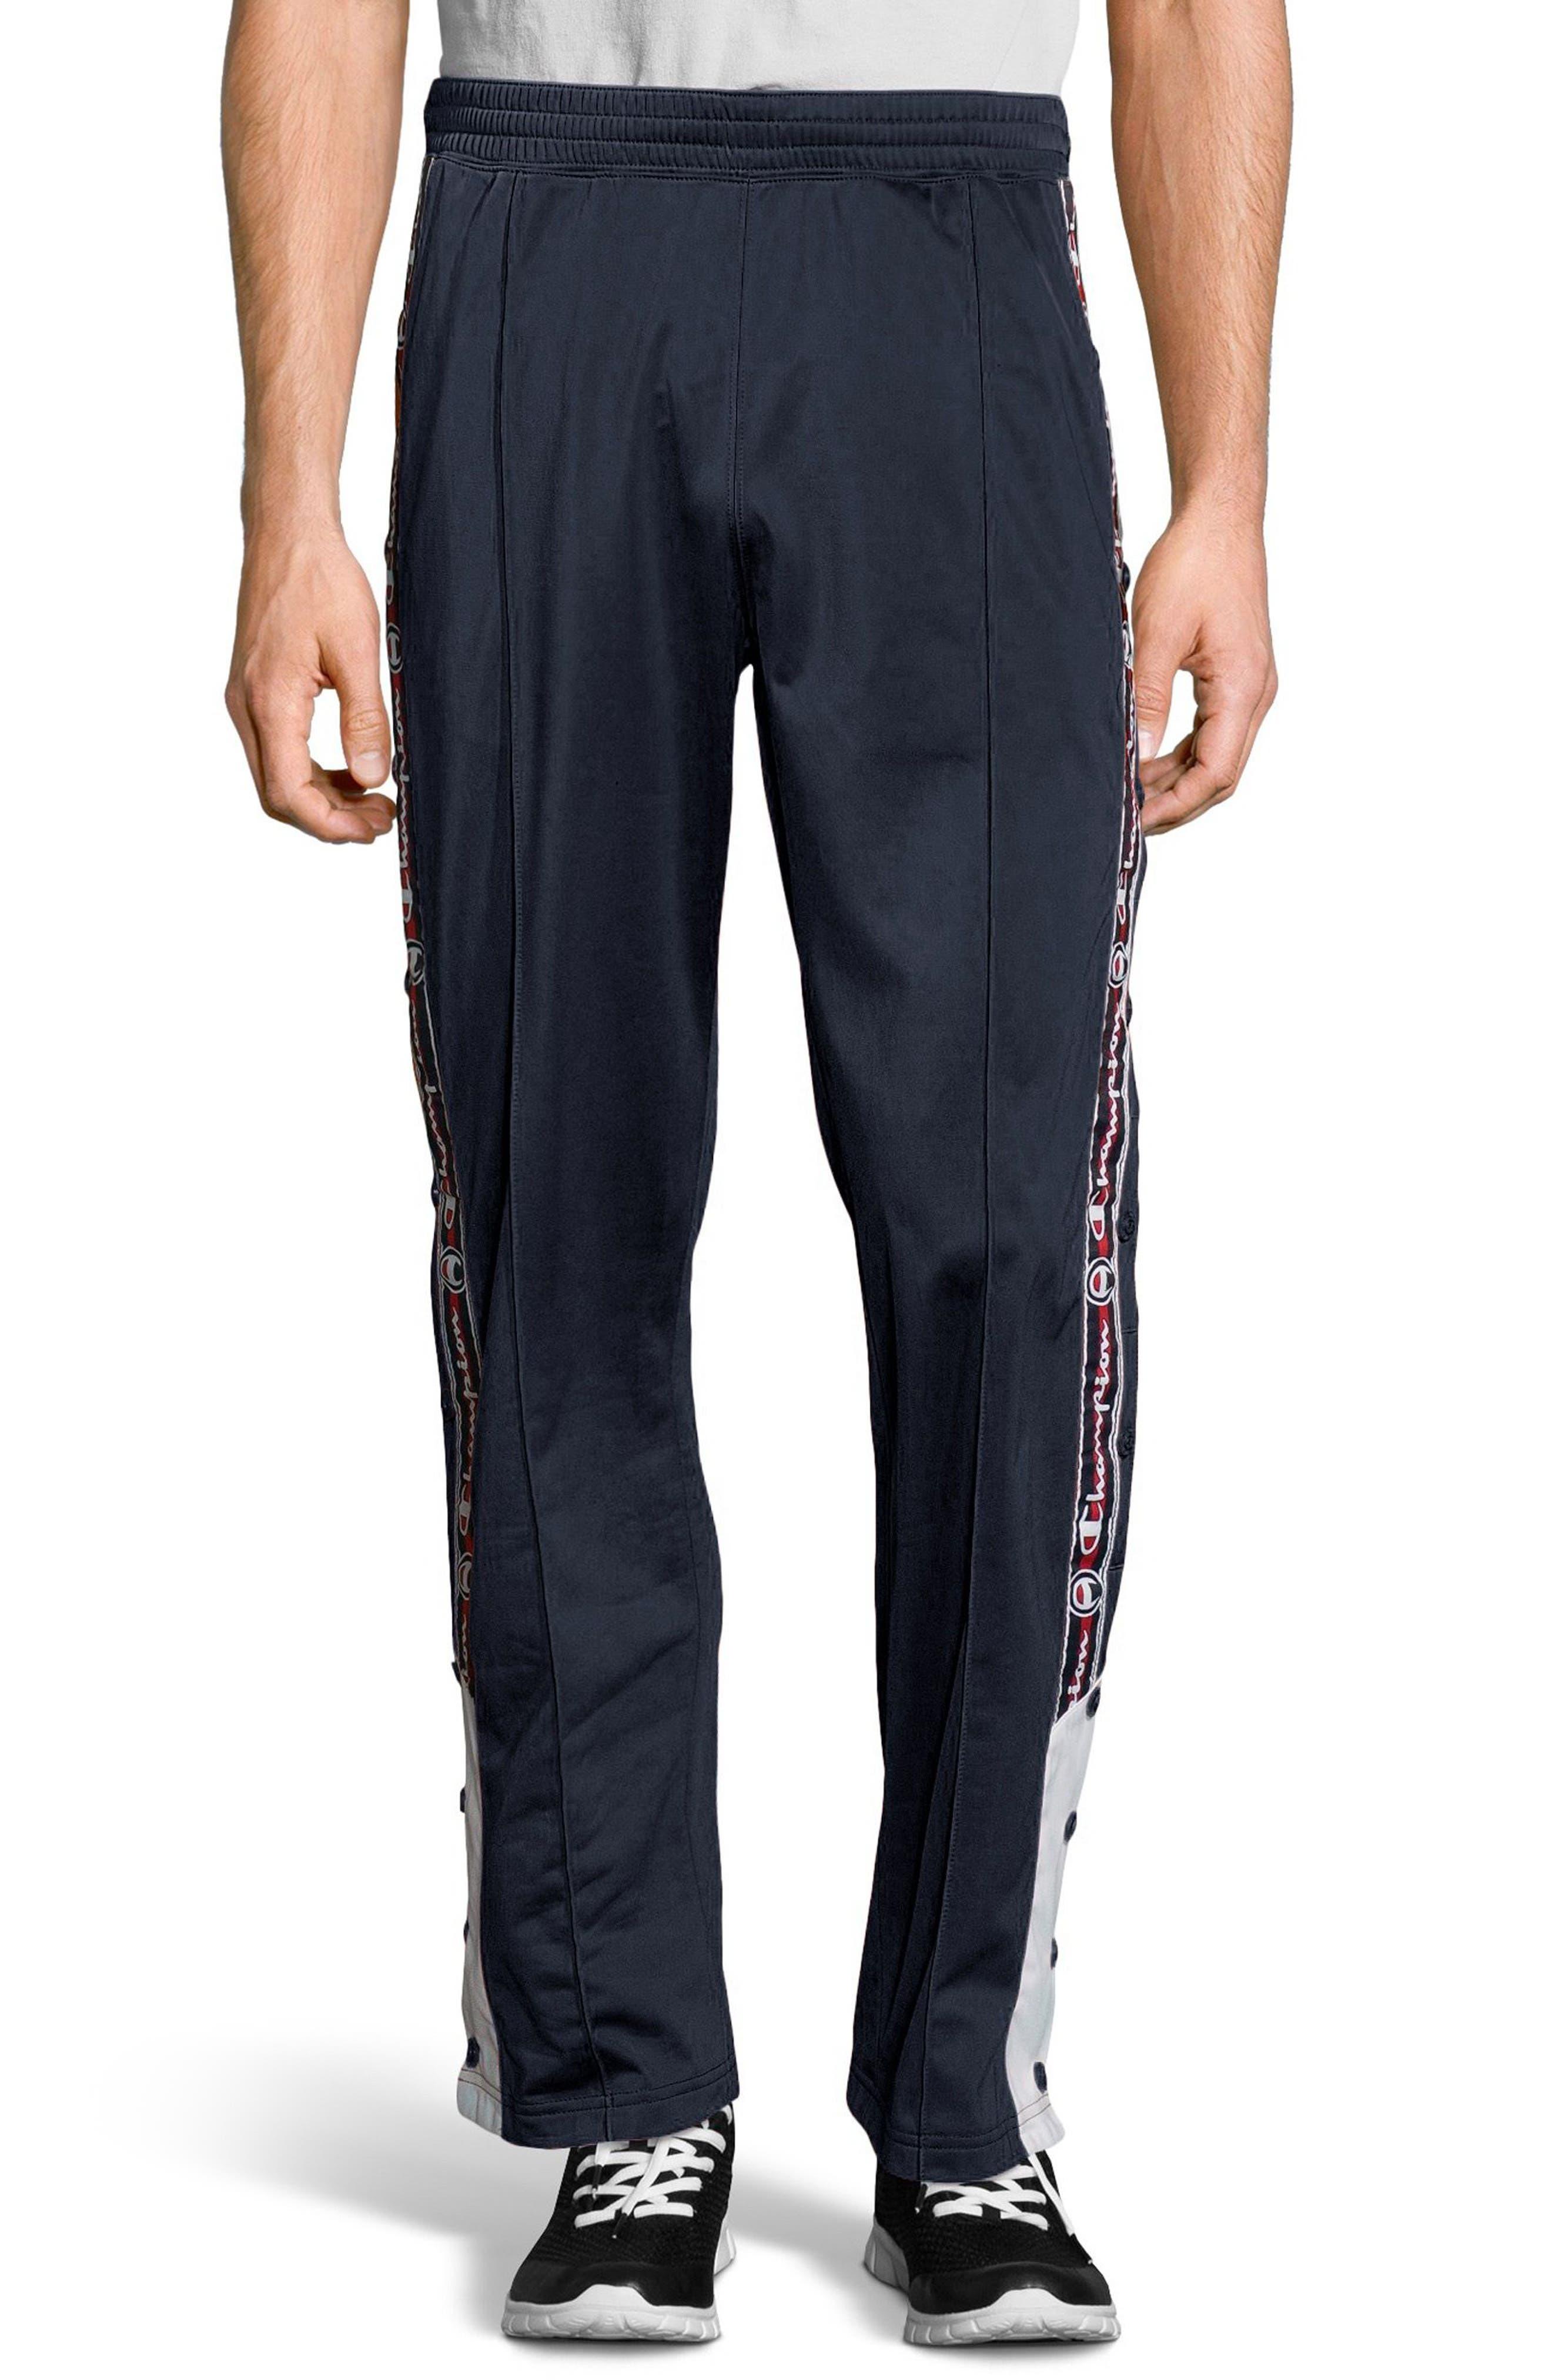 Polywarp Knit Pants,                         Main,                         color, Navy